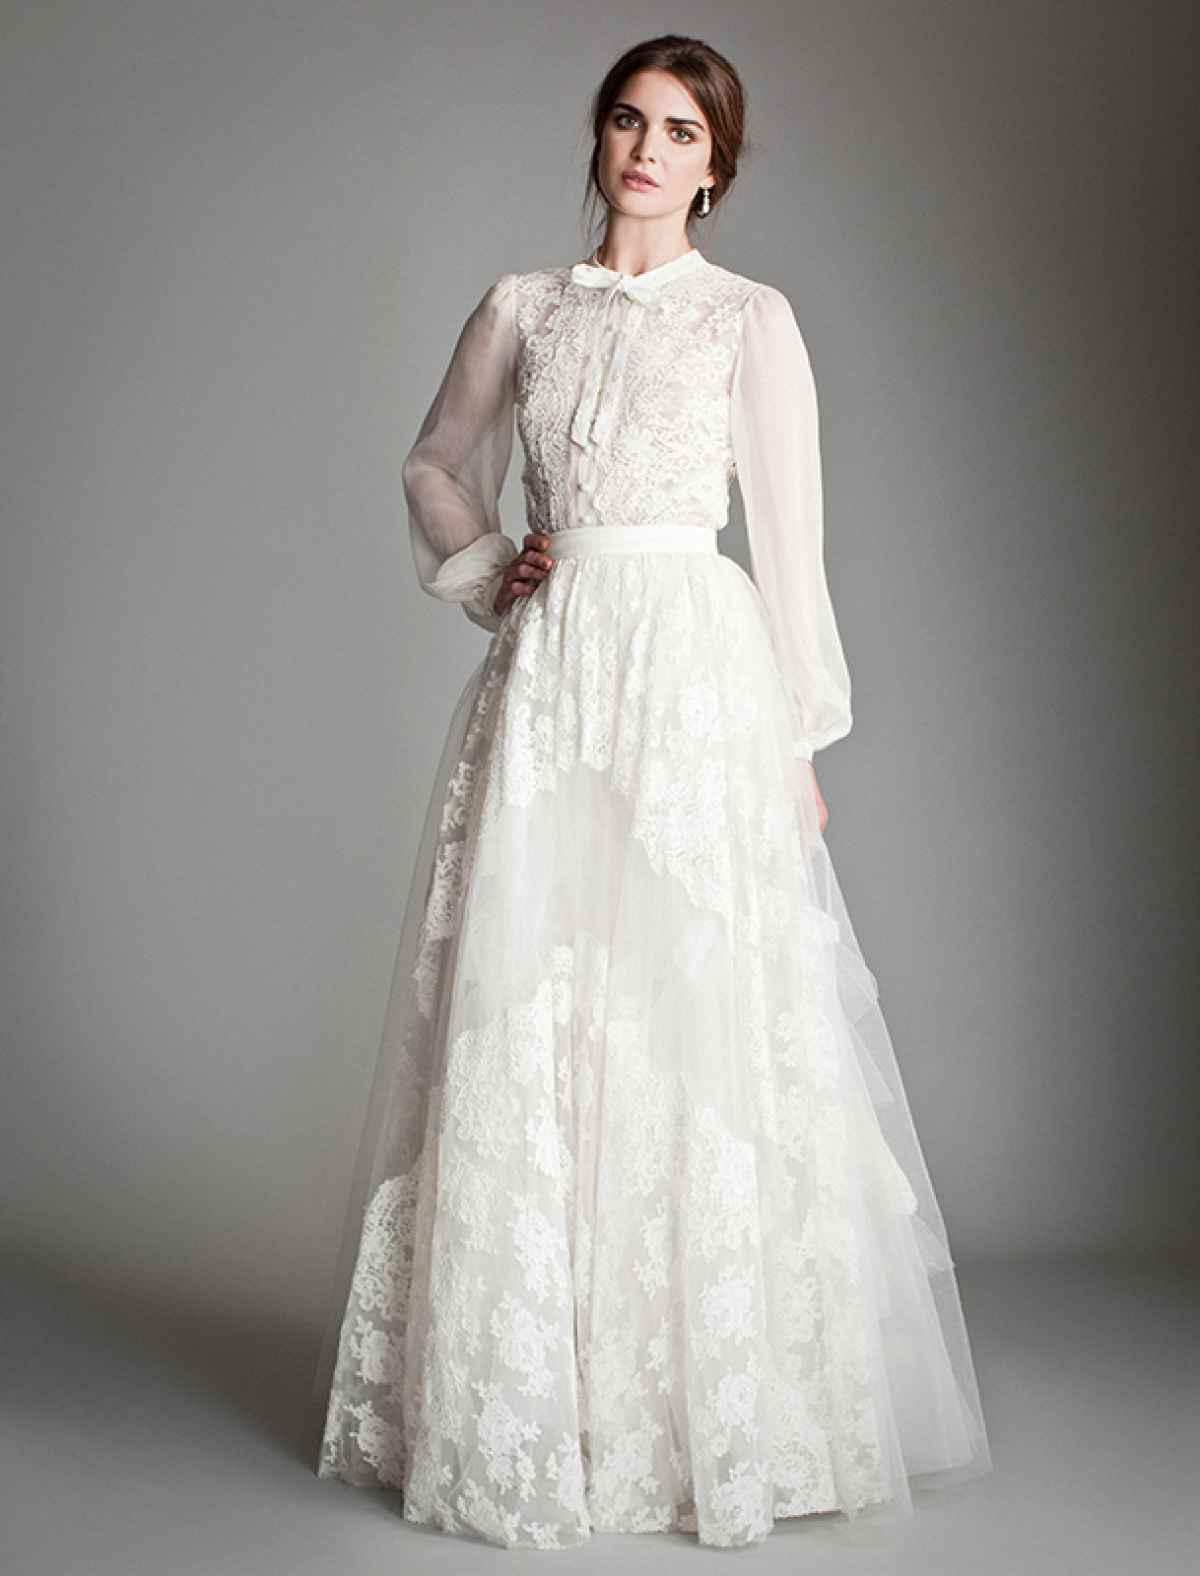 Фото свадебные платья ретро стиль фото